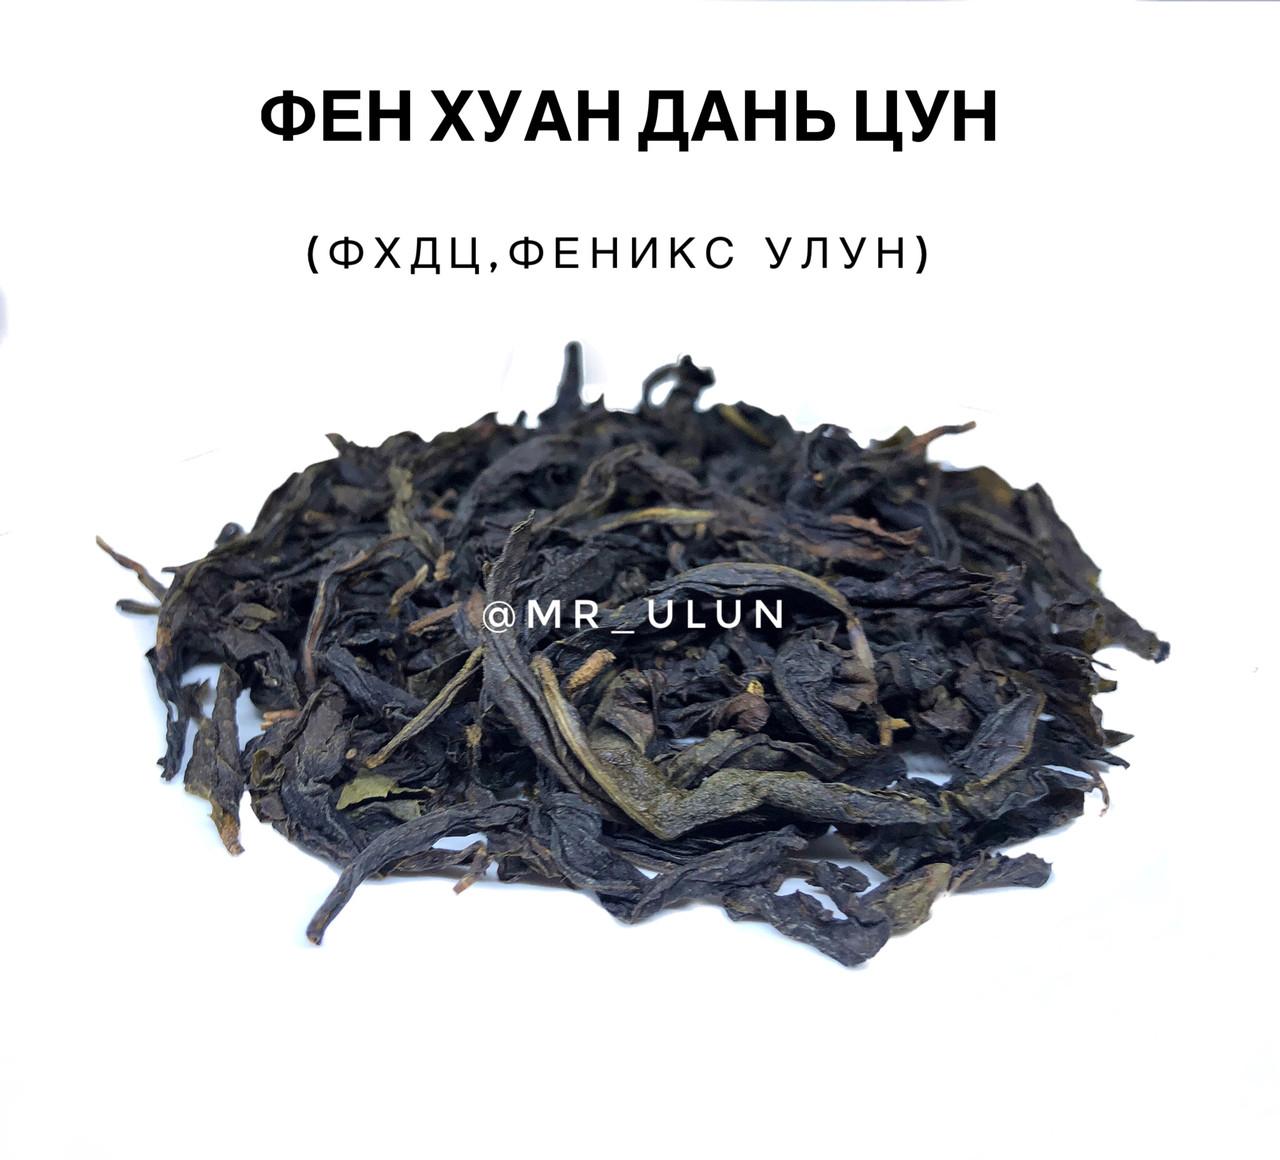 Тёмный улун Фен Хуан Дань Цун (ФХДЦ, Феникс улун) 100 г